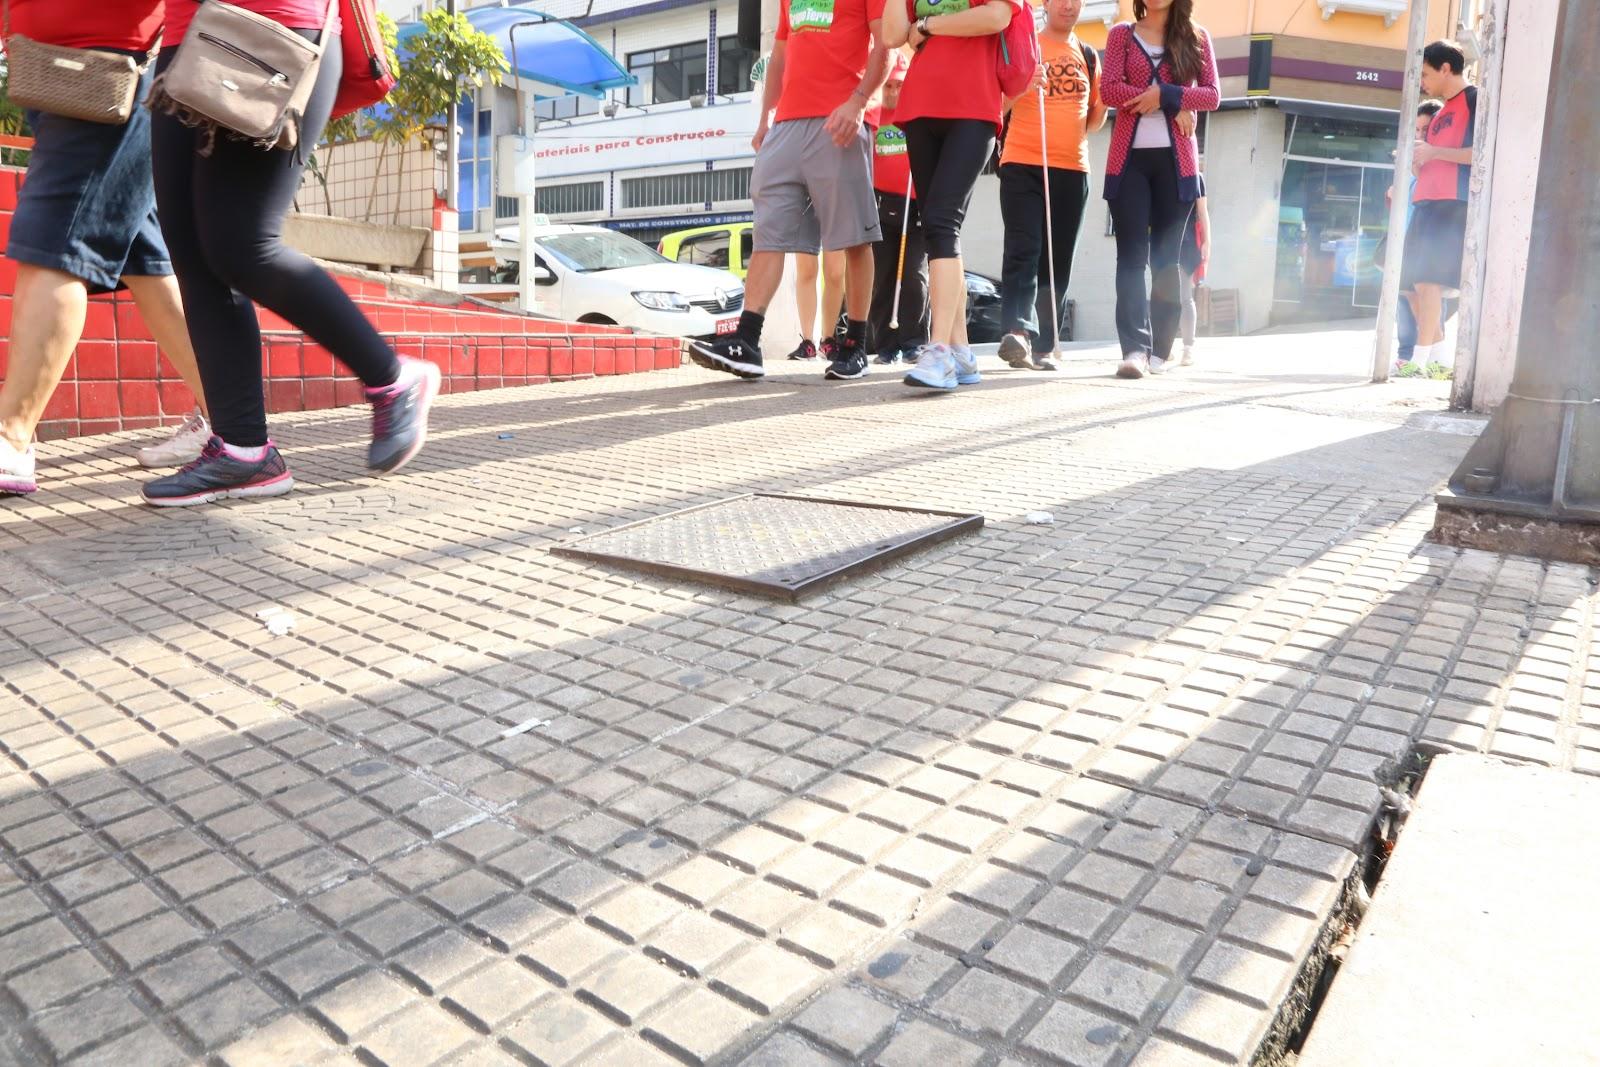 Obstáculos na calçada dificultam o acesso de pedestres e podem causar acidentes. (Fonte: Calçada Cilada)